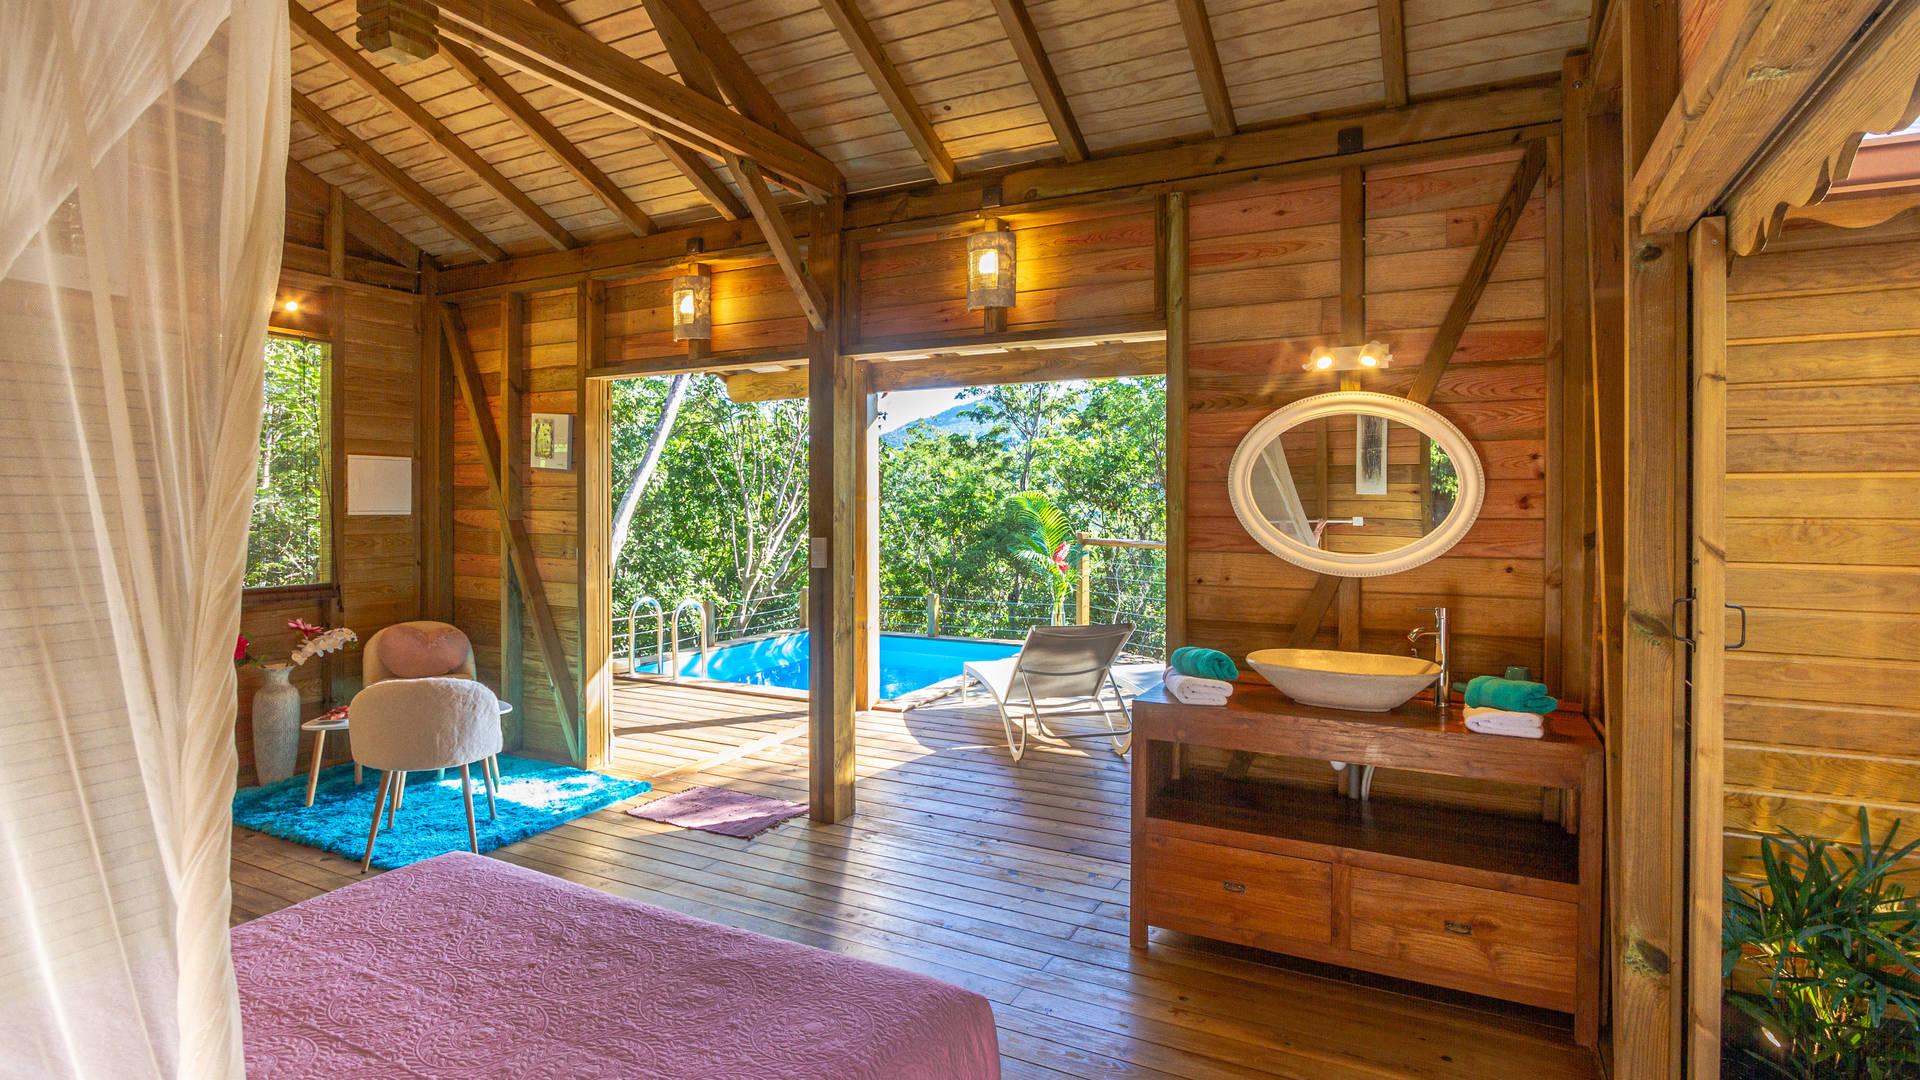 Au Jardin Des Colibris   Deshaies, Guadeloupe   Bon Travel intérieur Au Jardin Des Colibris